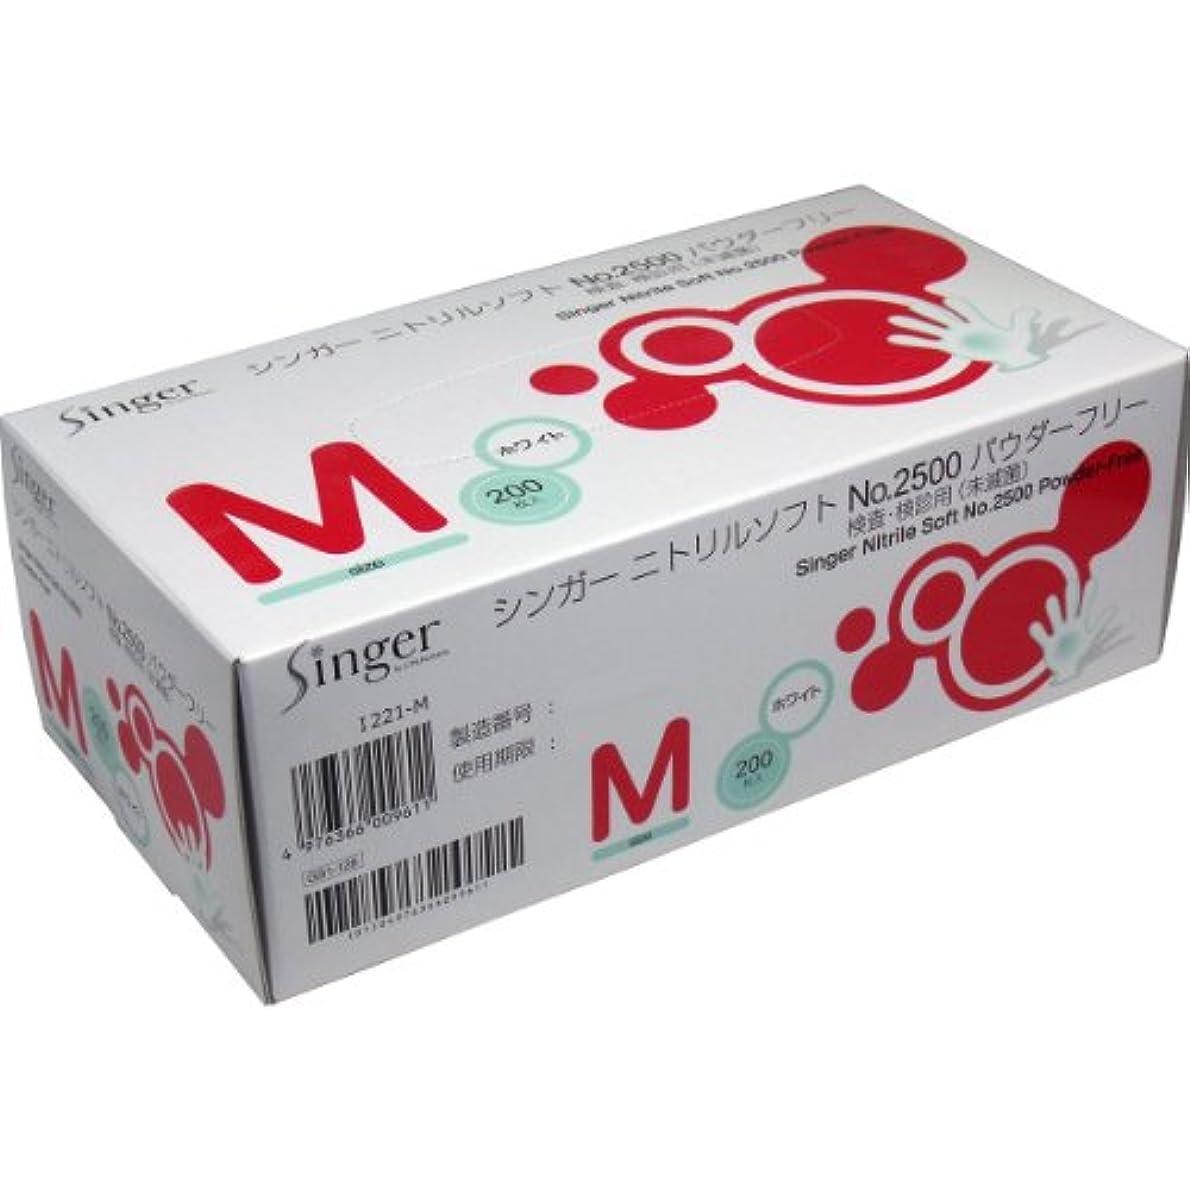 れんが消すパイントシンガーニトリルソフト No.2500 パウダーフリー ホワイト Mサイズ 200枚